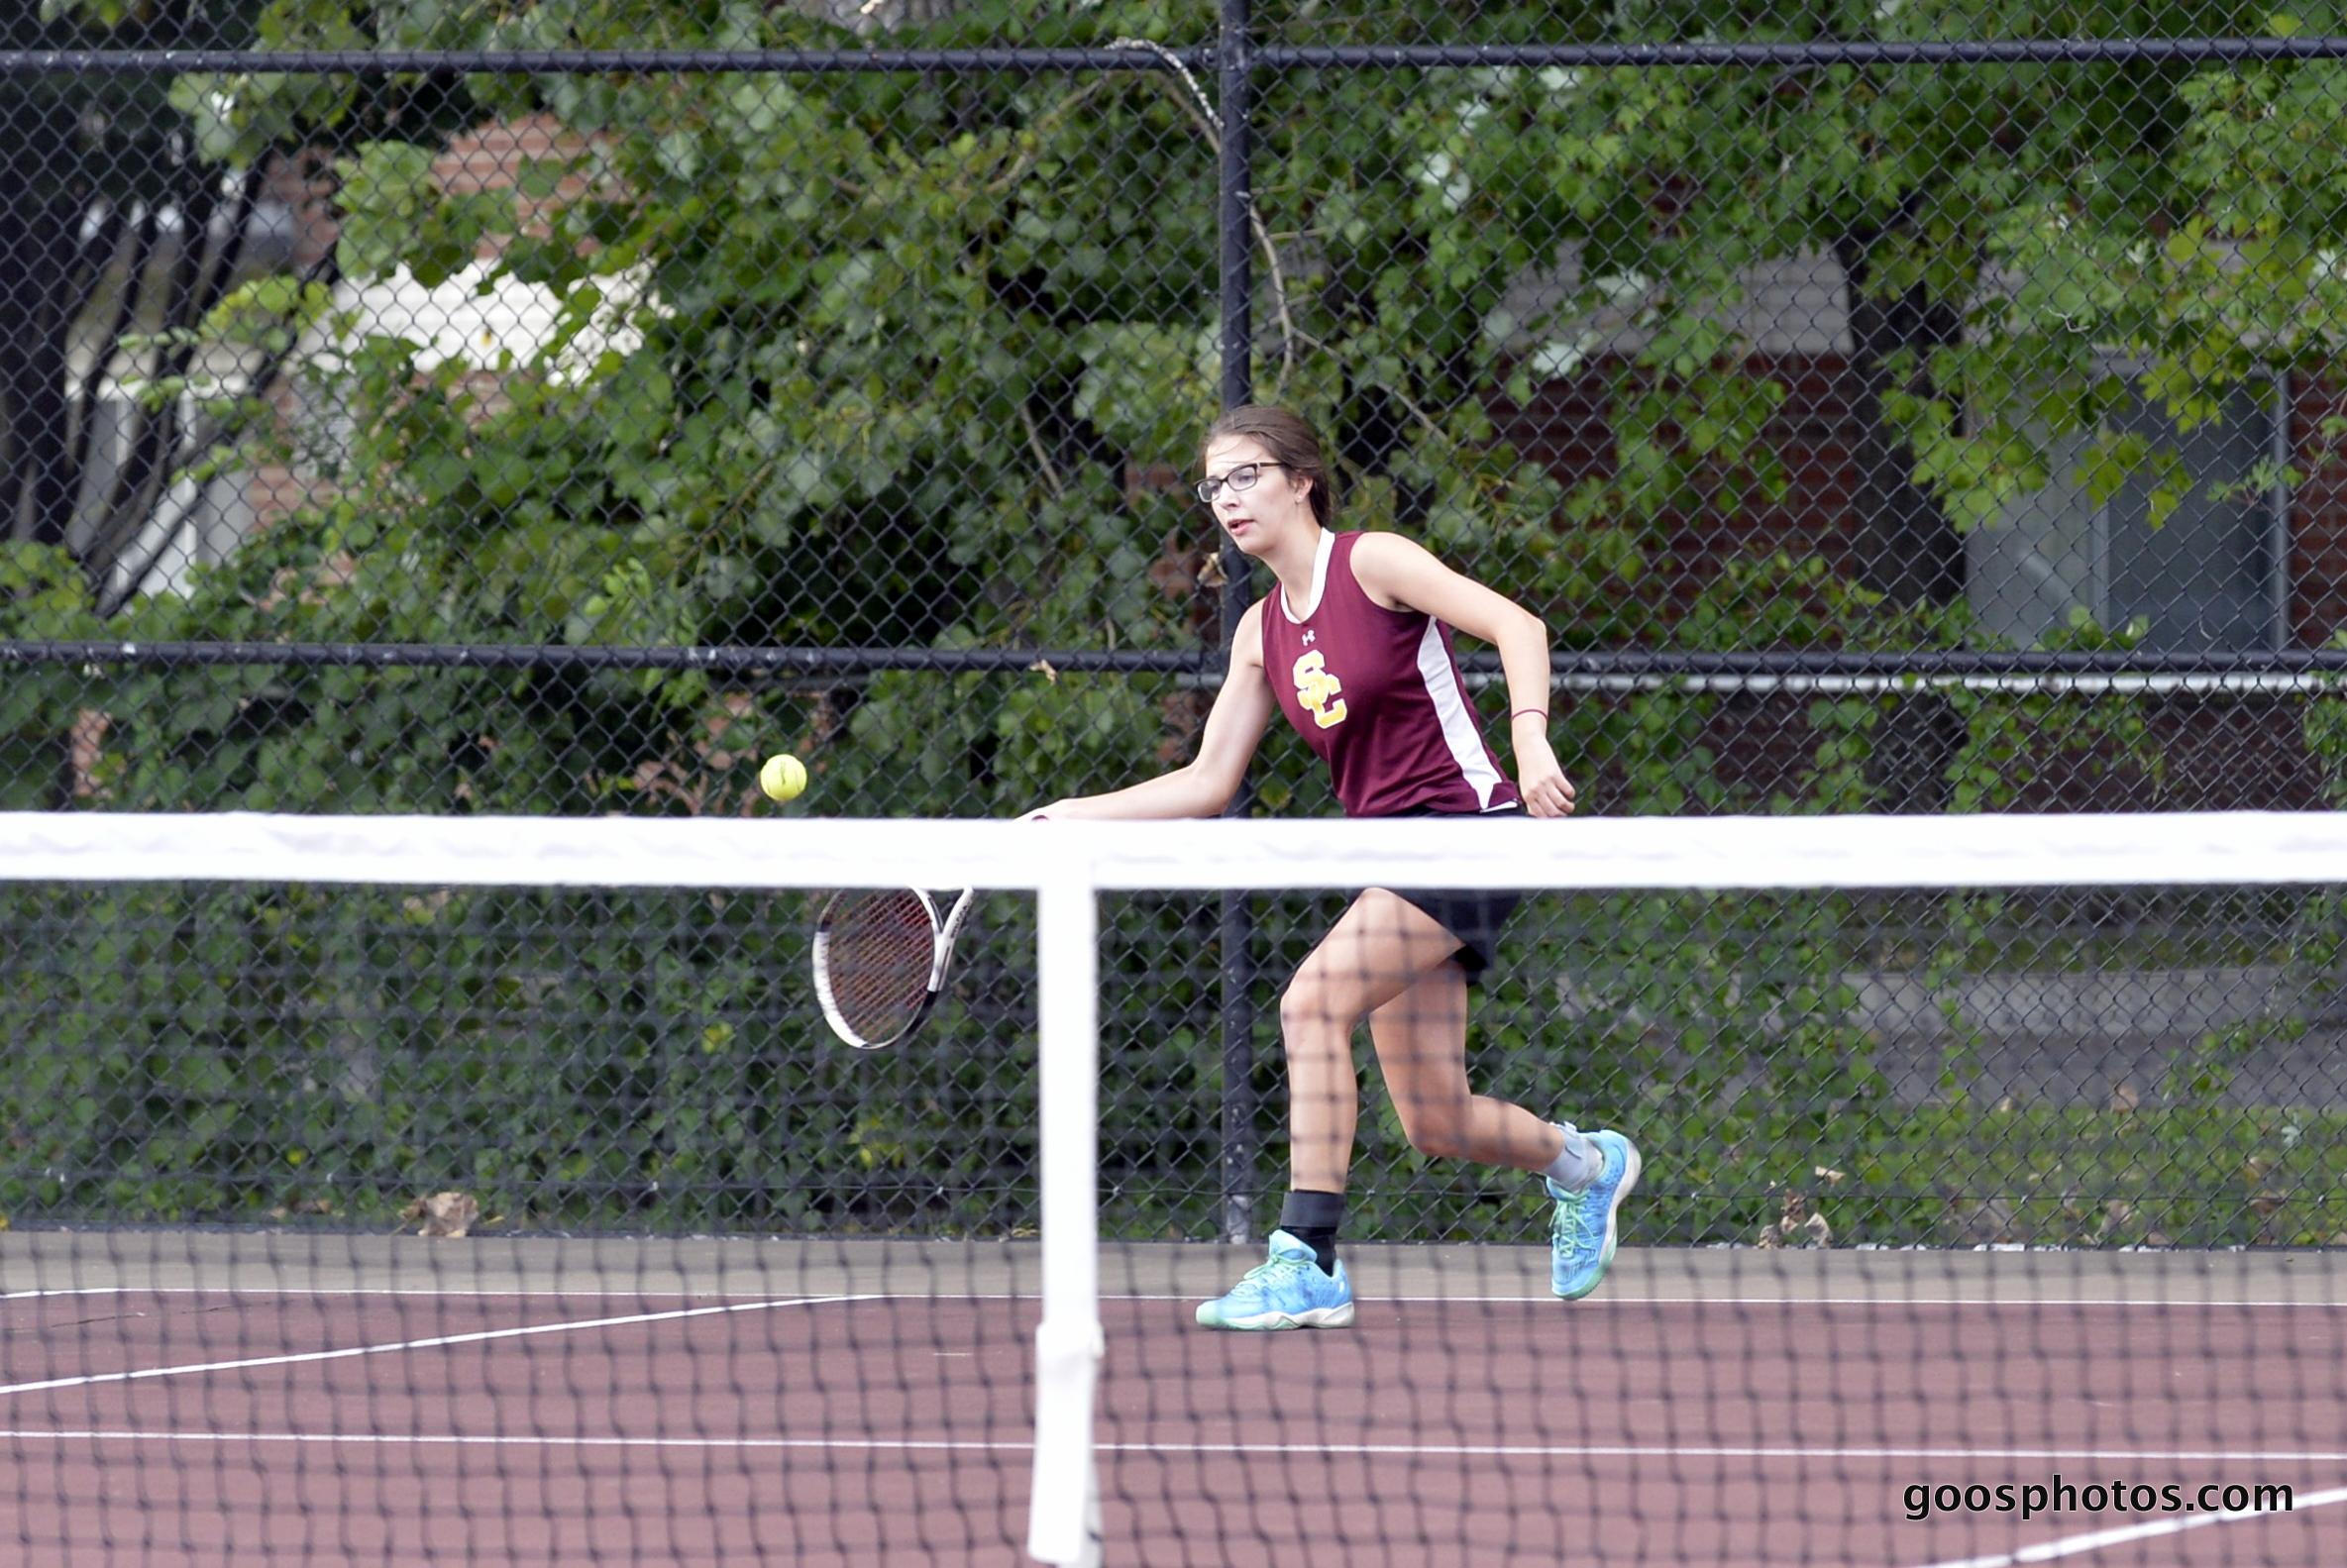 girl tennis player returns a shot